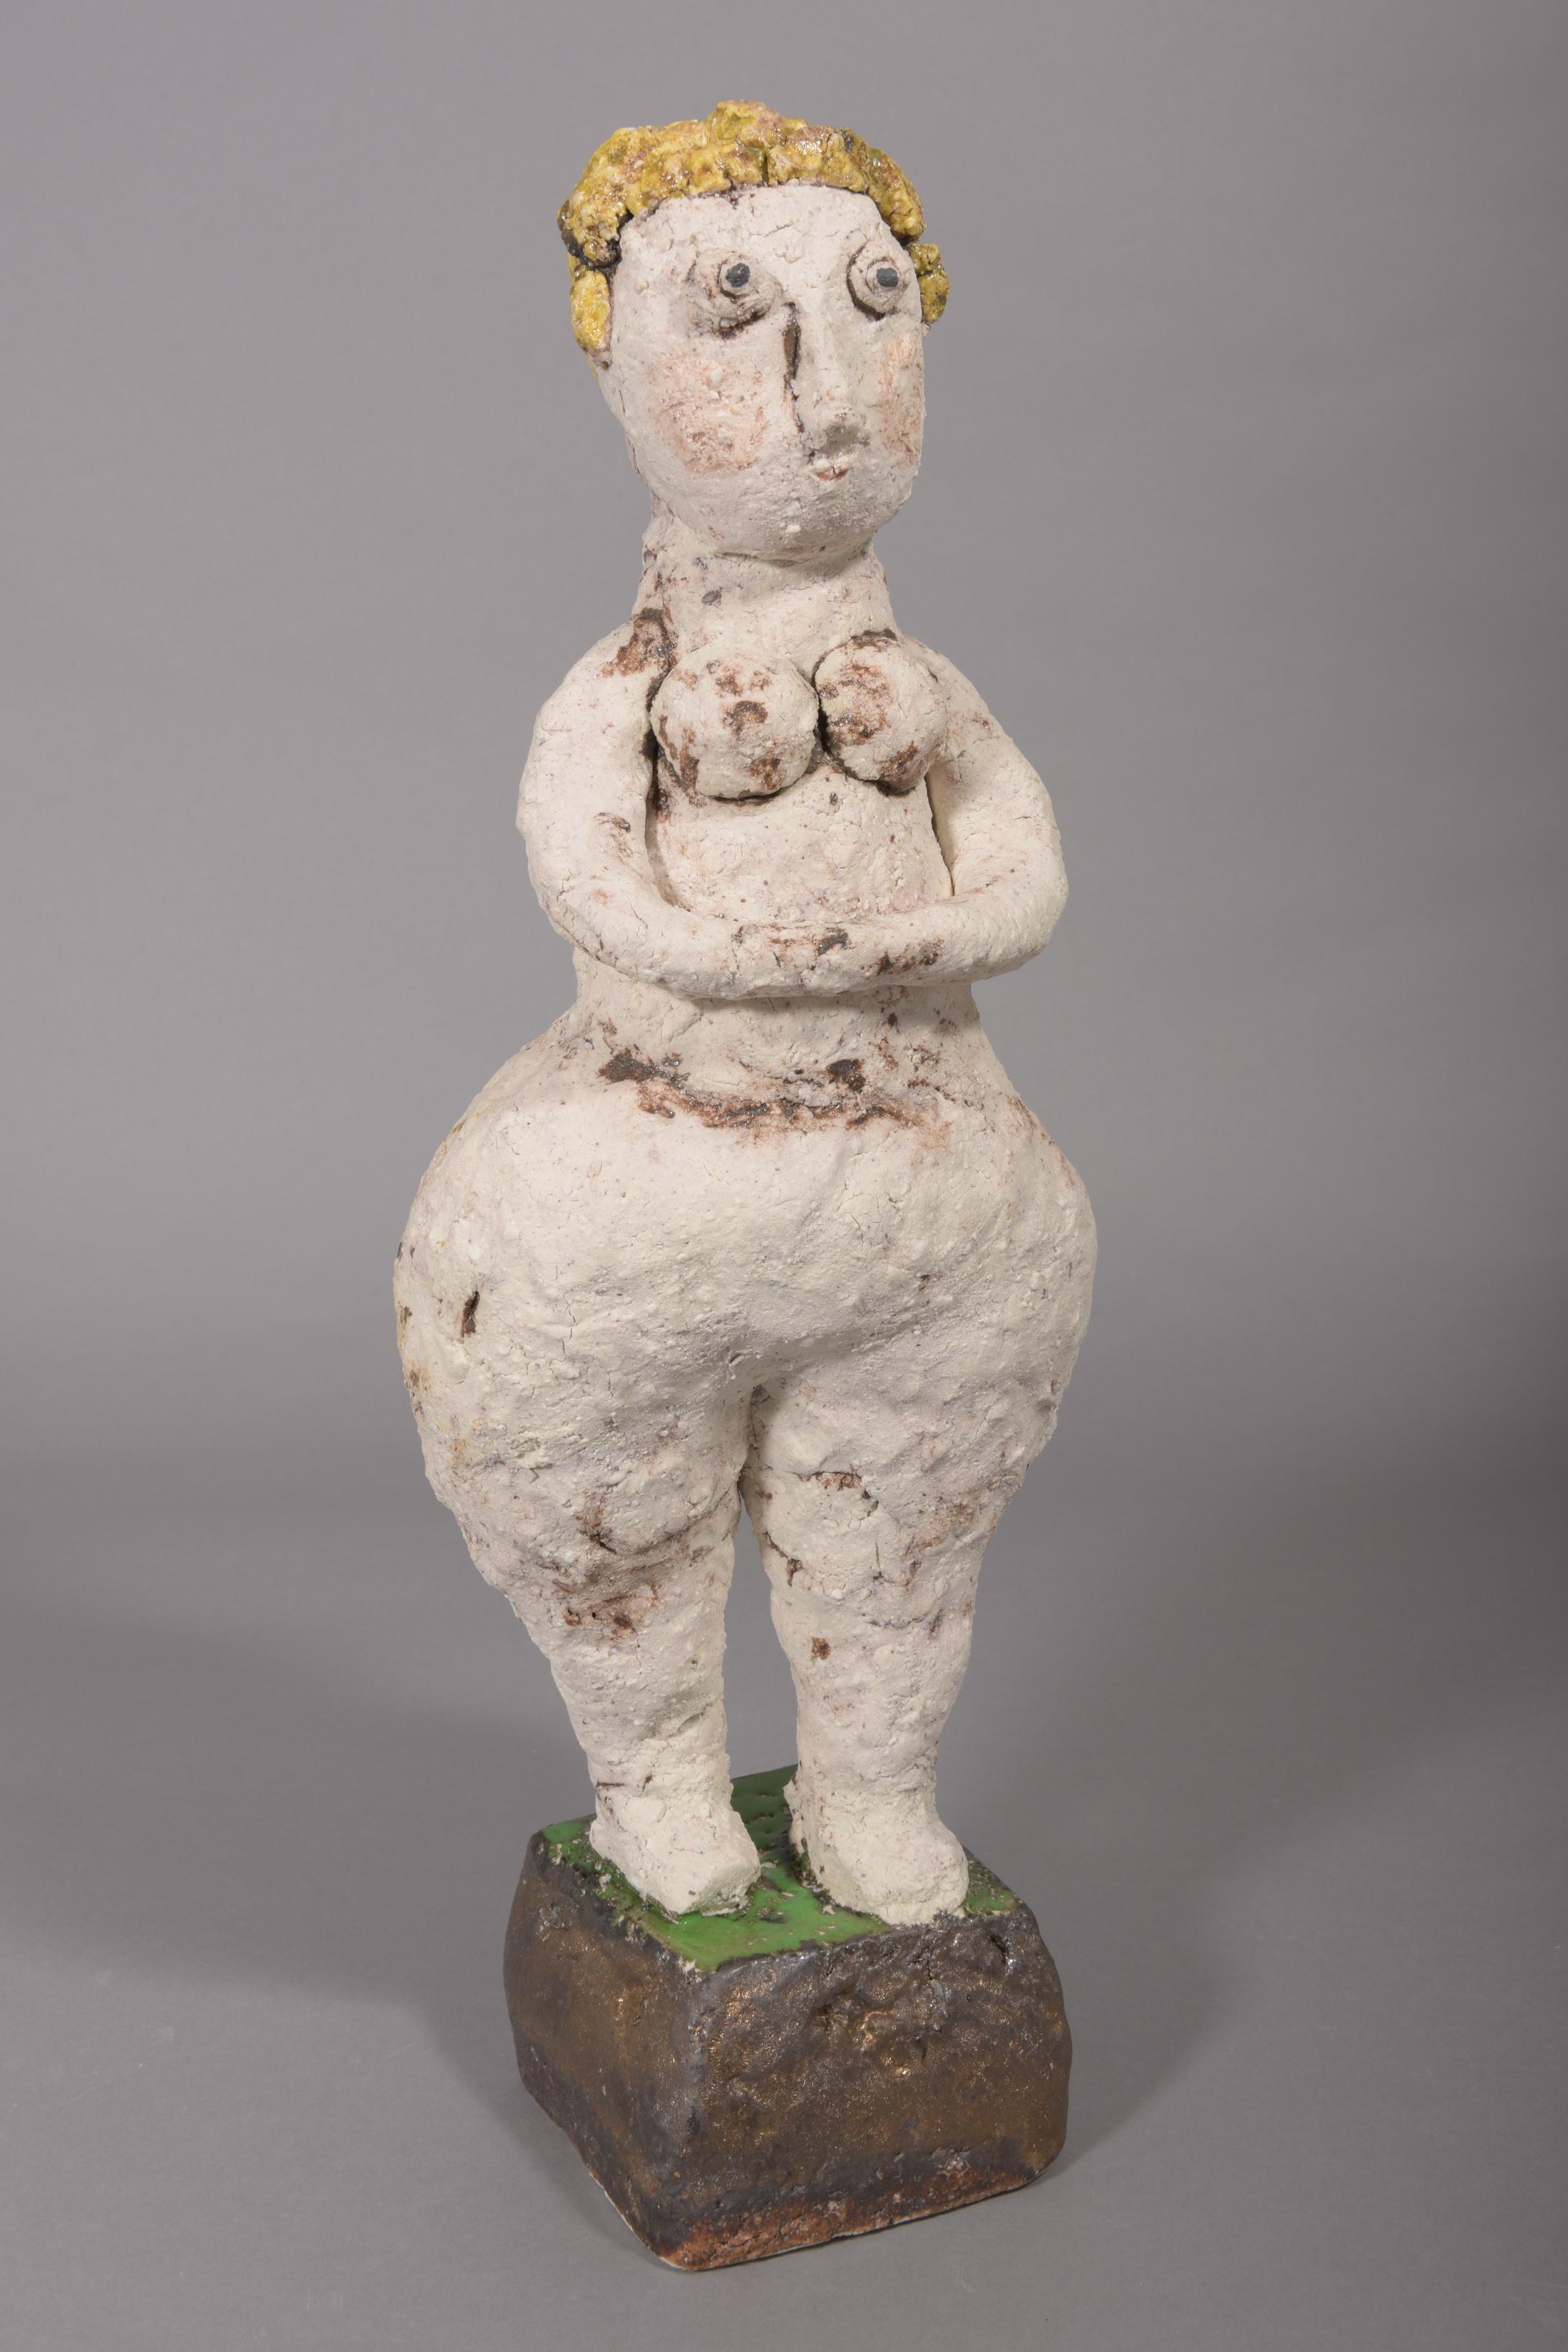 Chikako Yoshikawa - Doll - 48x17x11 cm